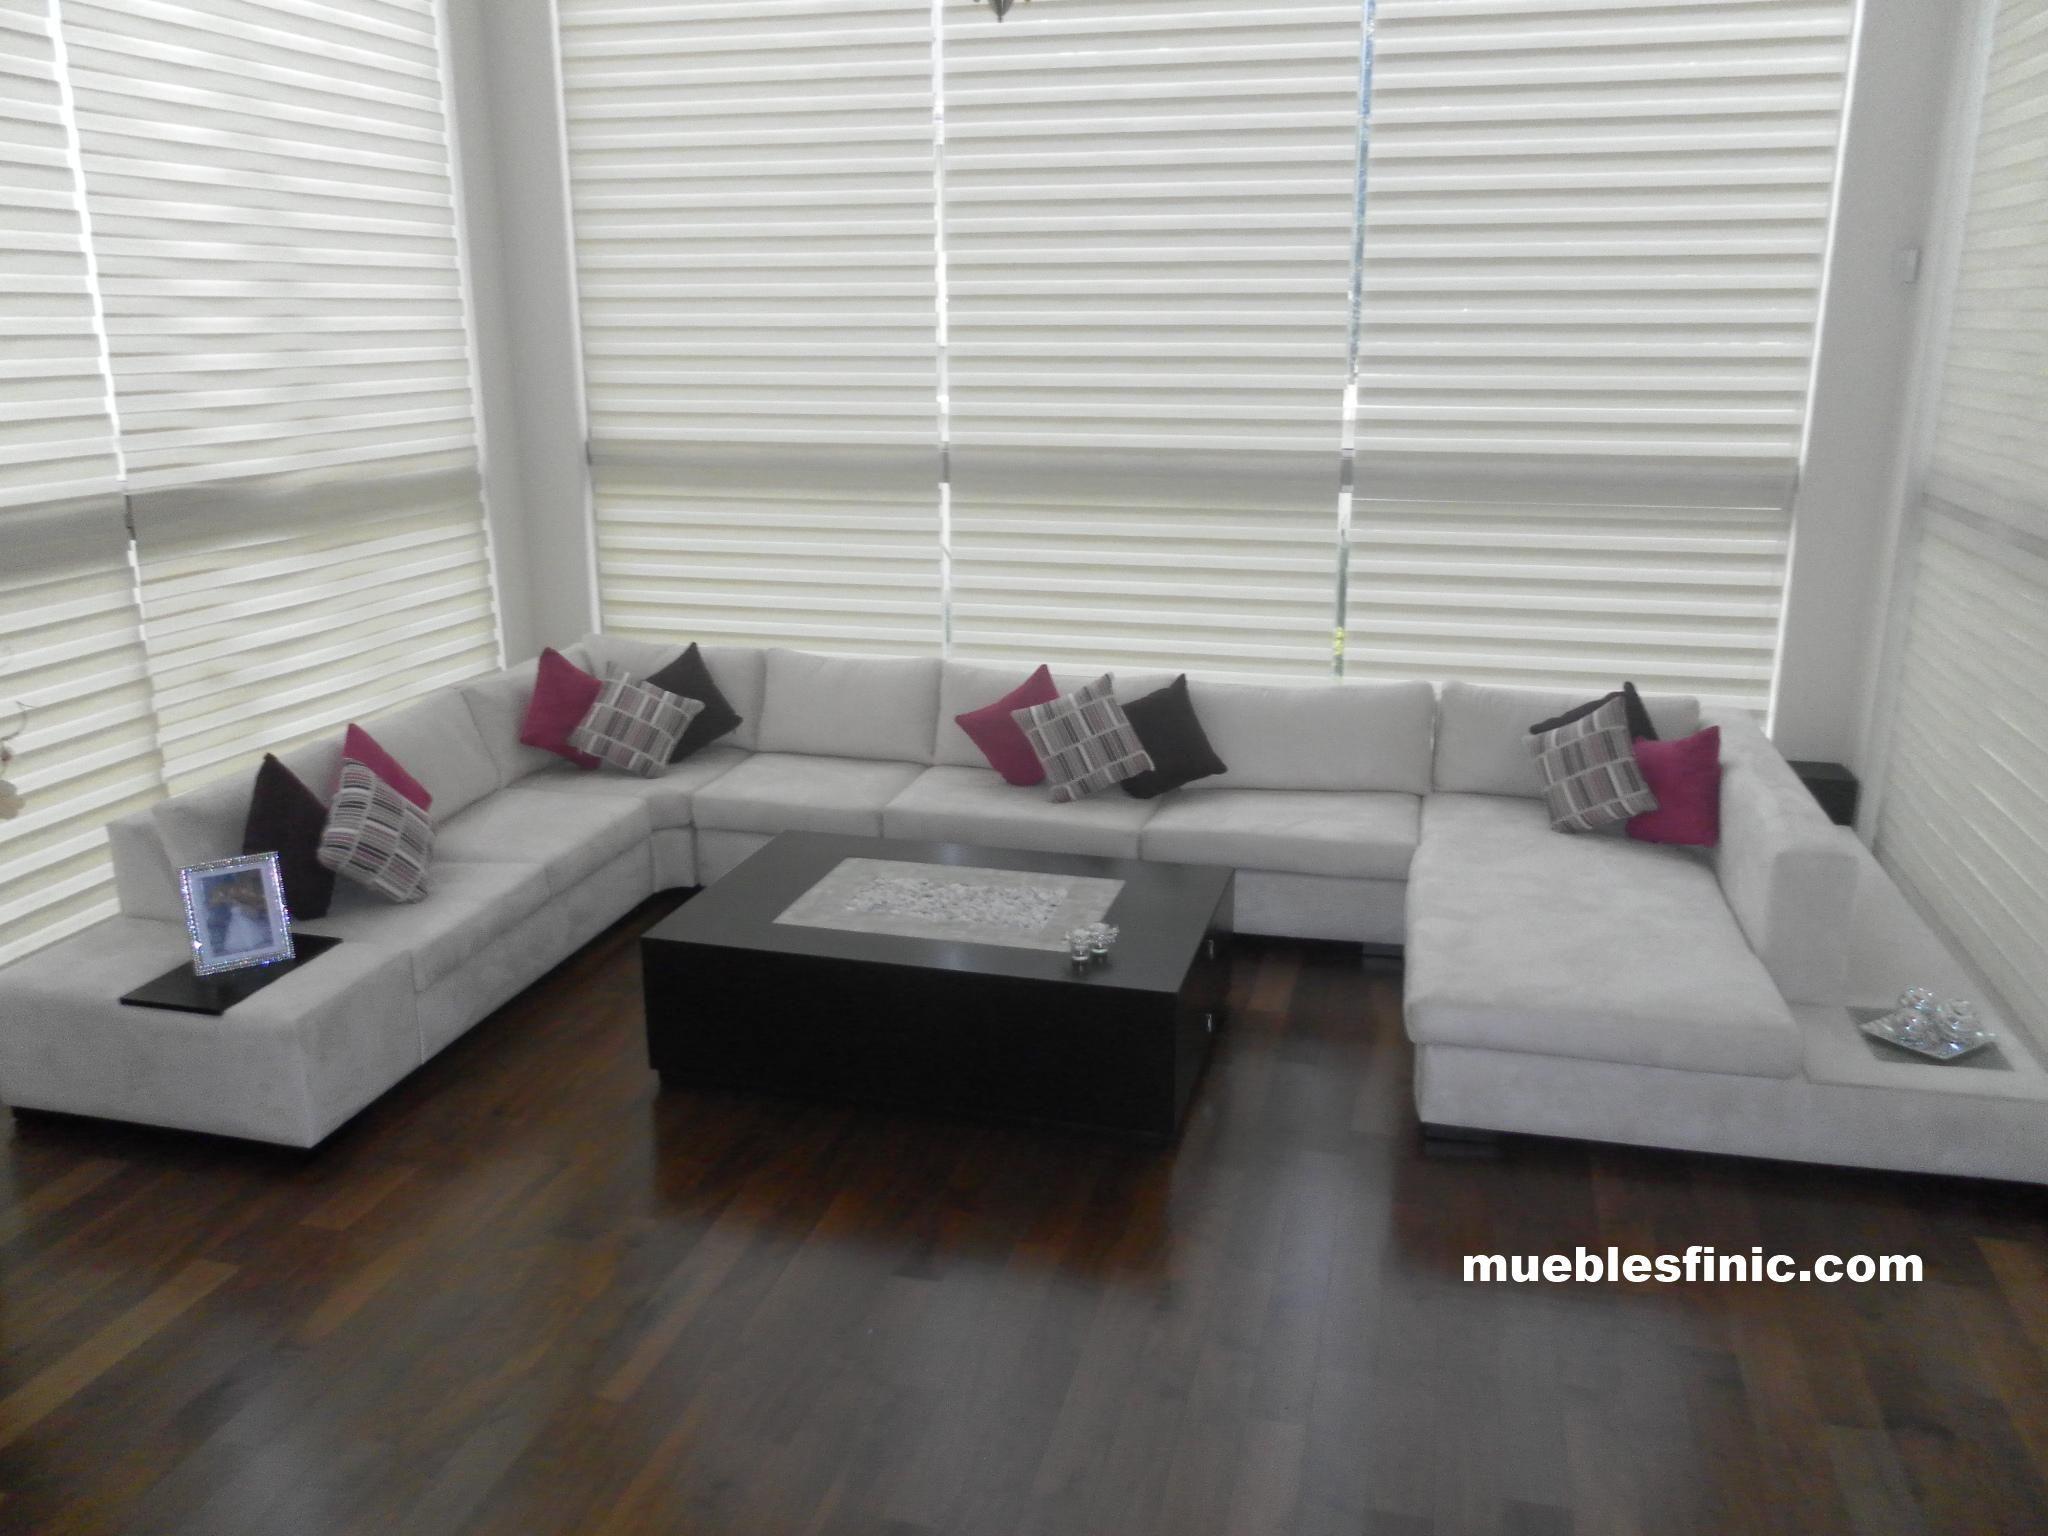 Salas modernas salas minimalistas salas de lujo salas for Disenos de muebles de sala